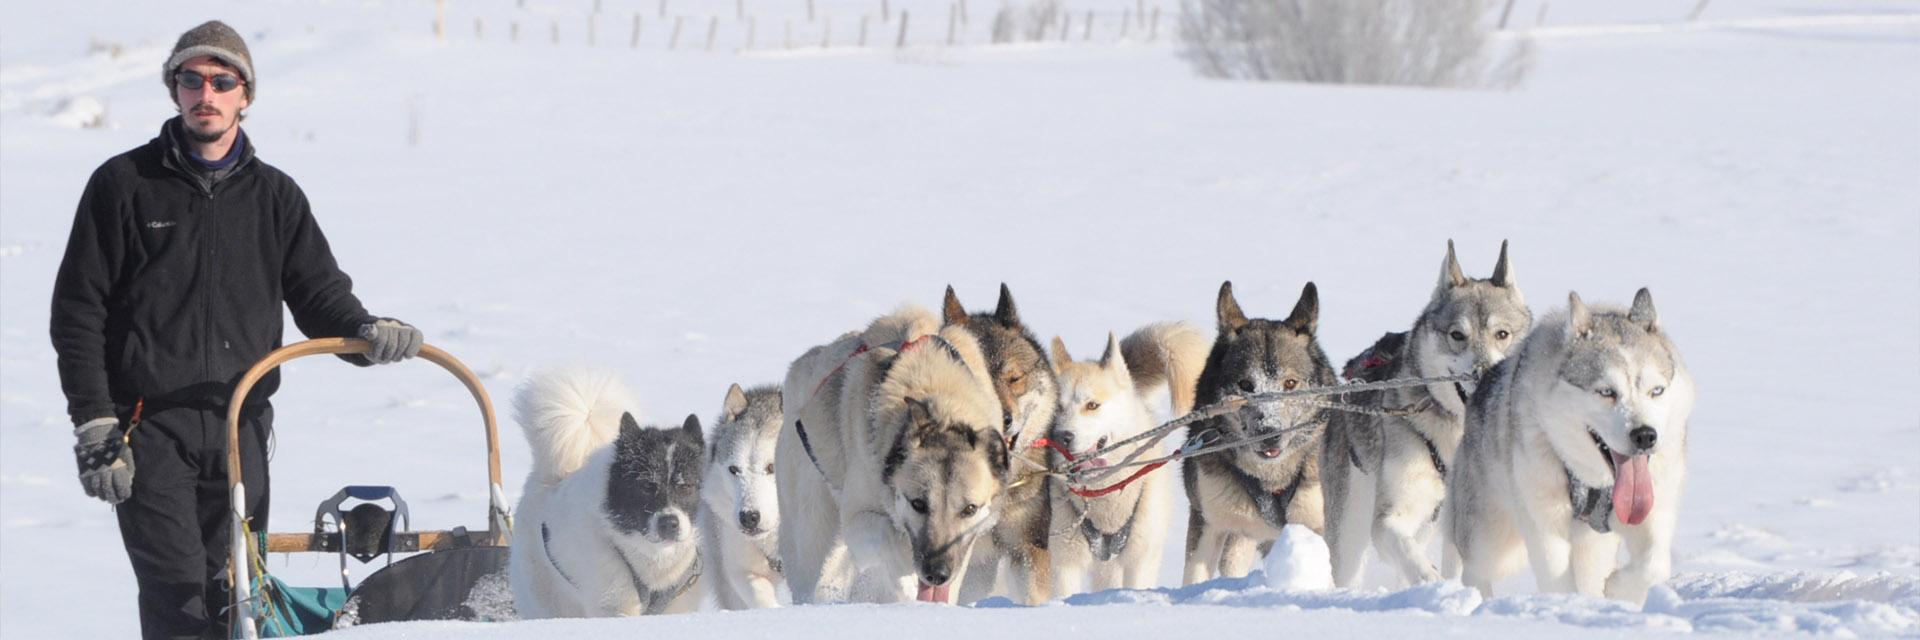 Village_club_vacances_jura-le-duchet-balade-en-chiens-de-traineau-hiver